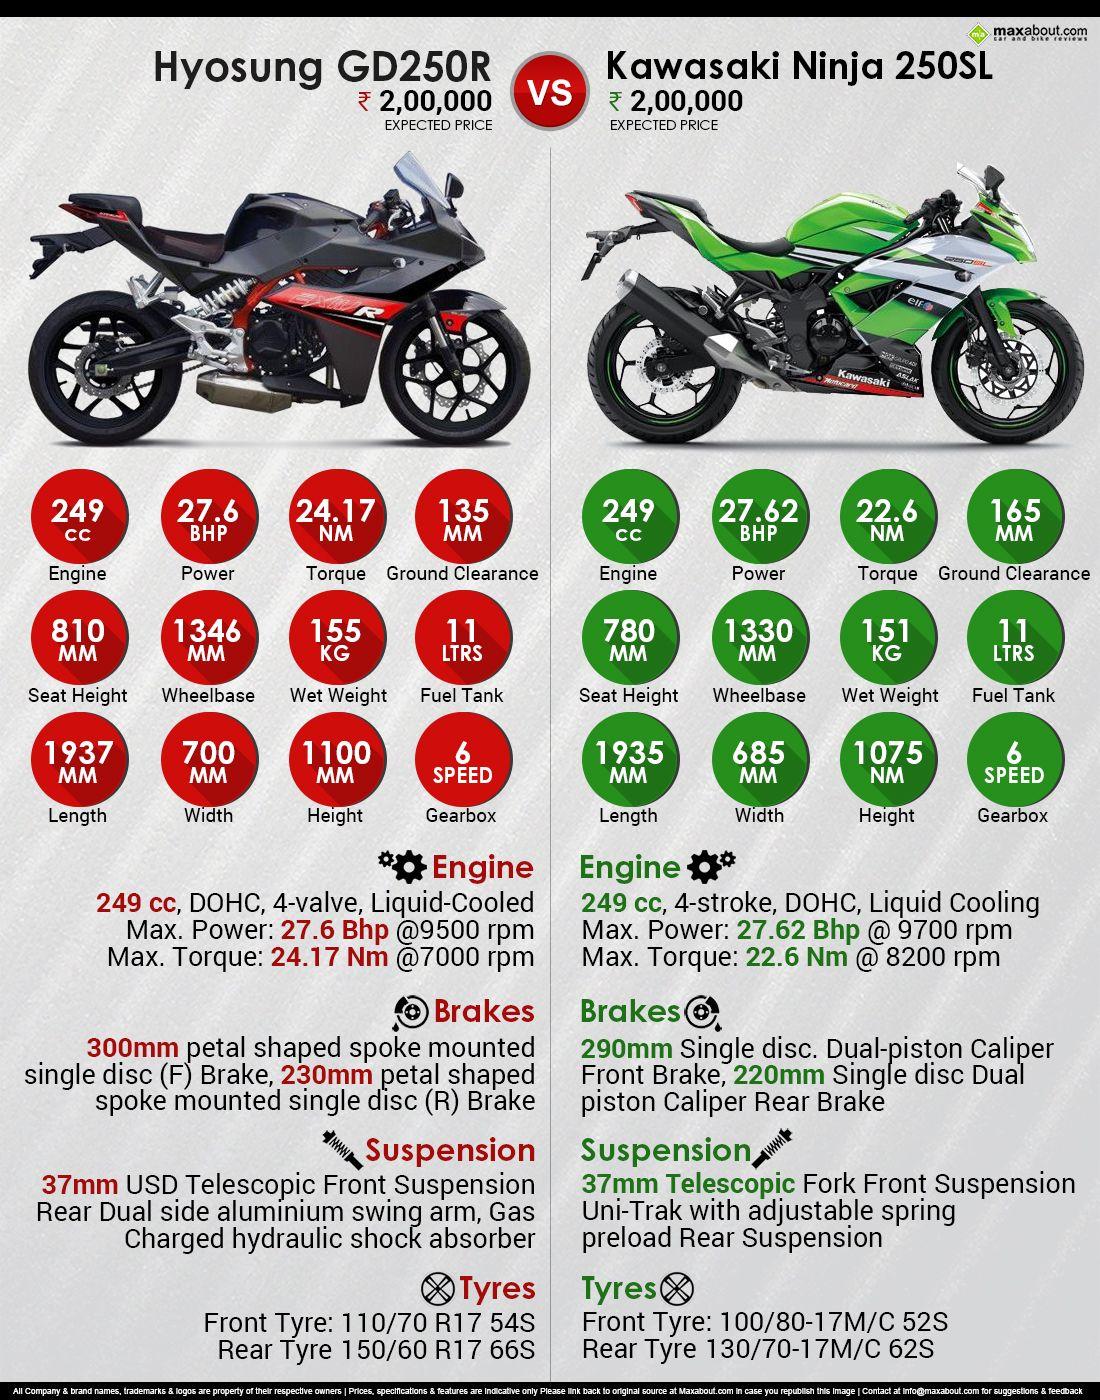 Hyosung Gd250r Vs Kawasaki Ninja 250sl Kawasaki Bike Prices